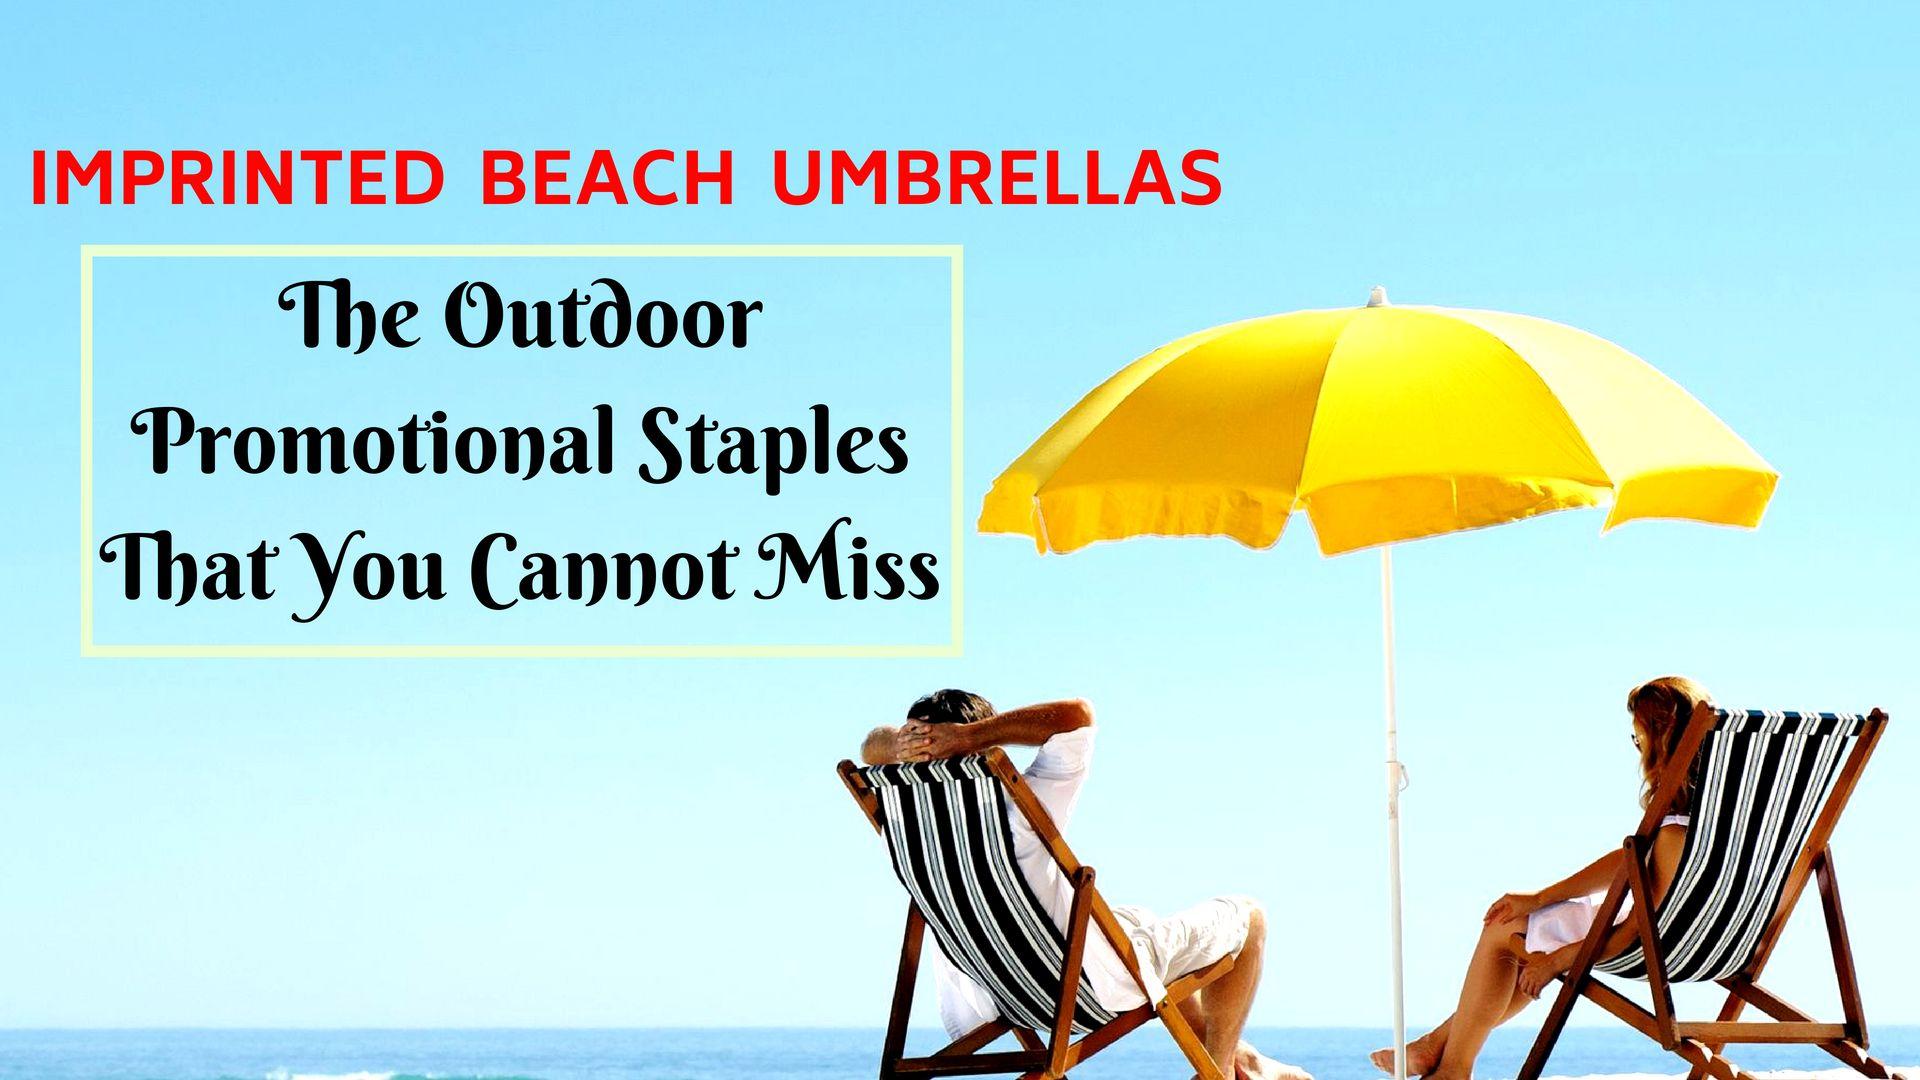 Presenteie feriados ensolarados para seus clientes-alvo instalando guarda-sóis promocionais grandes e imprima sua marca lar… - Guarda-sol, guarda-chuva, praia